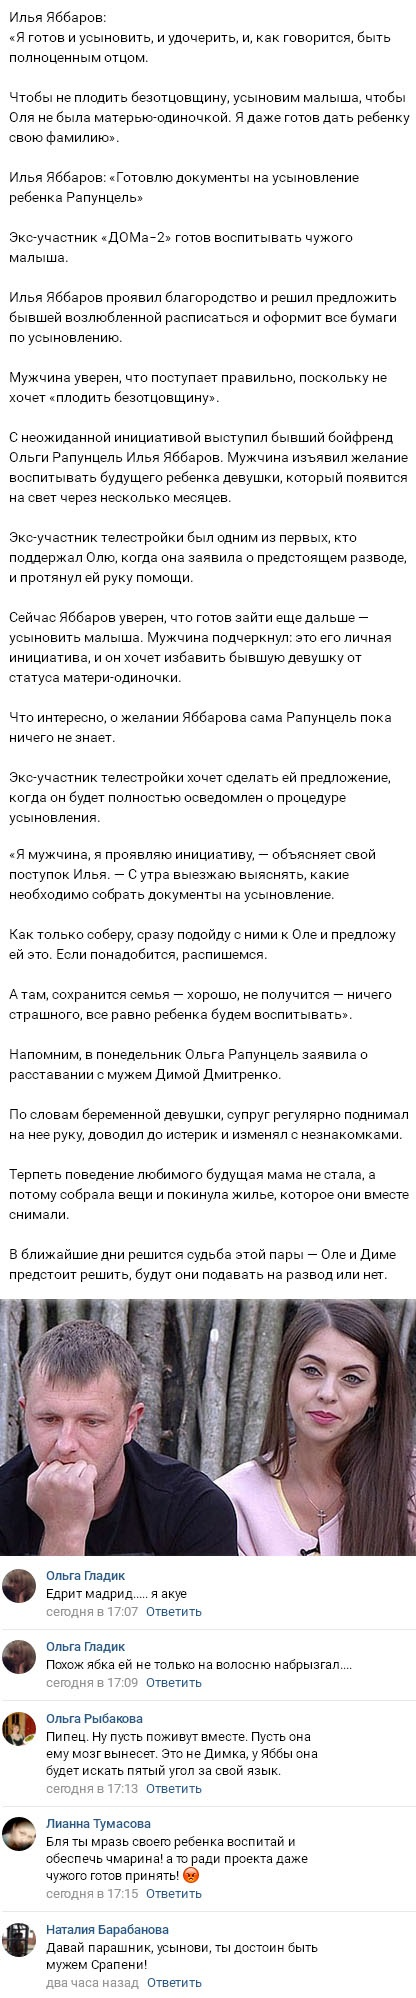 Илья Яббаров намерен усыновить ребёнка Ольги Рапунцель